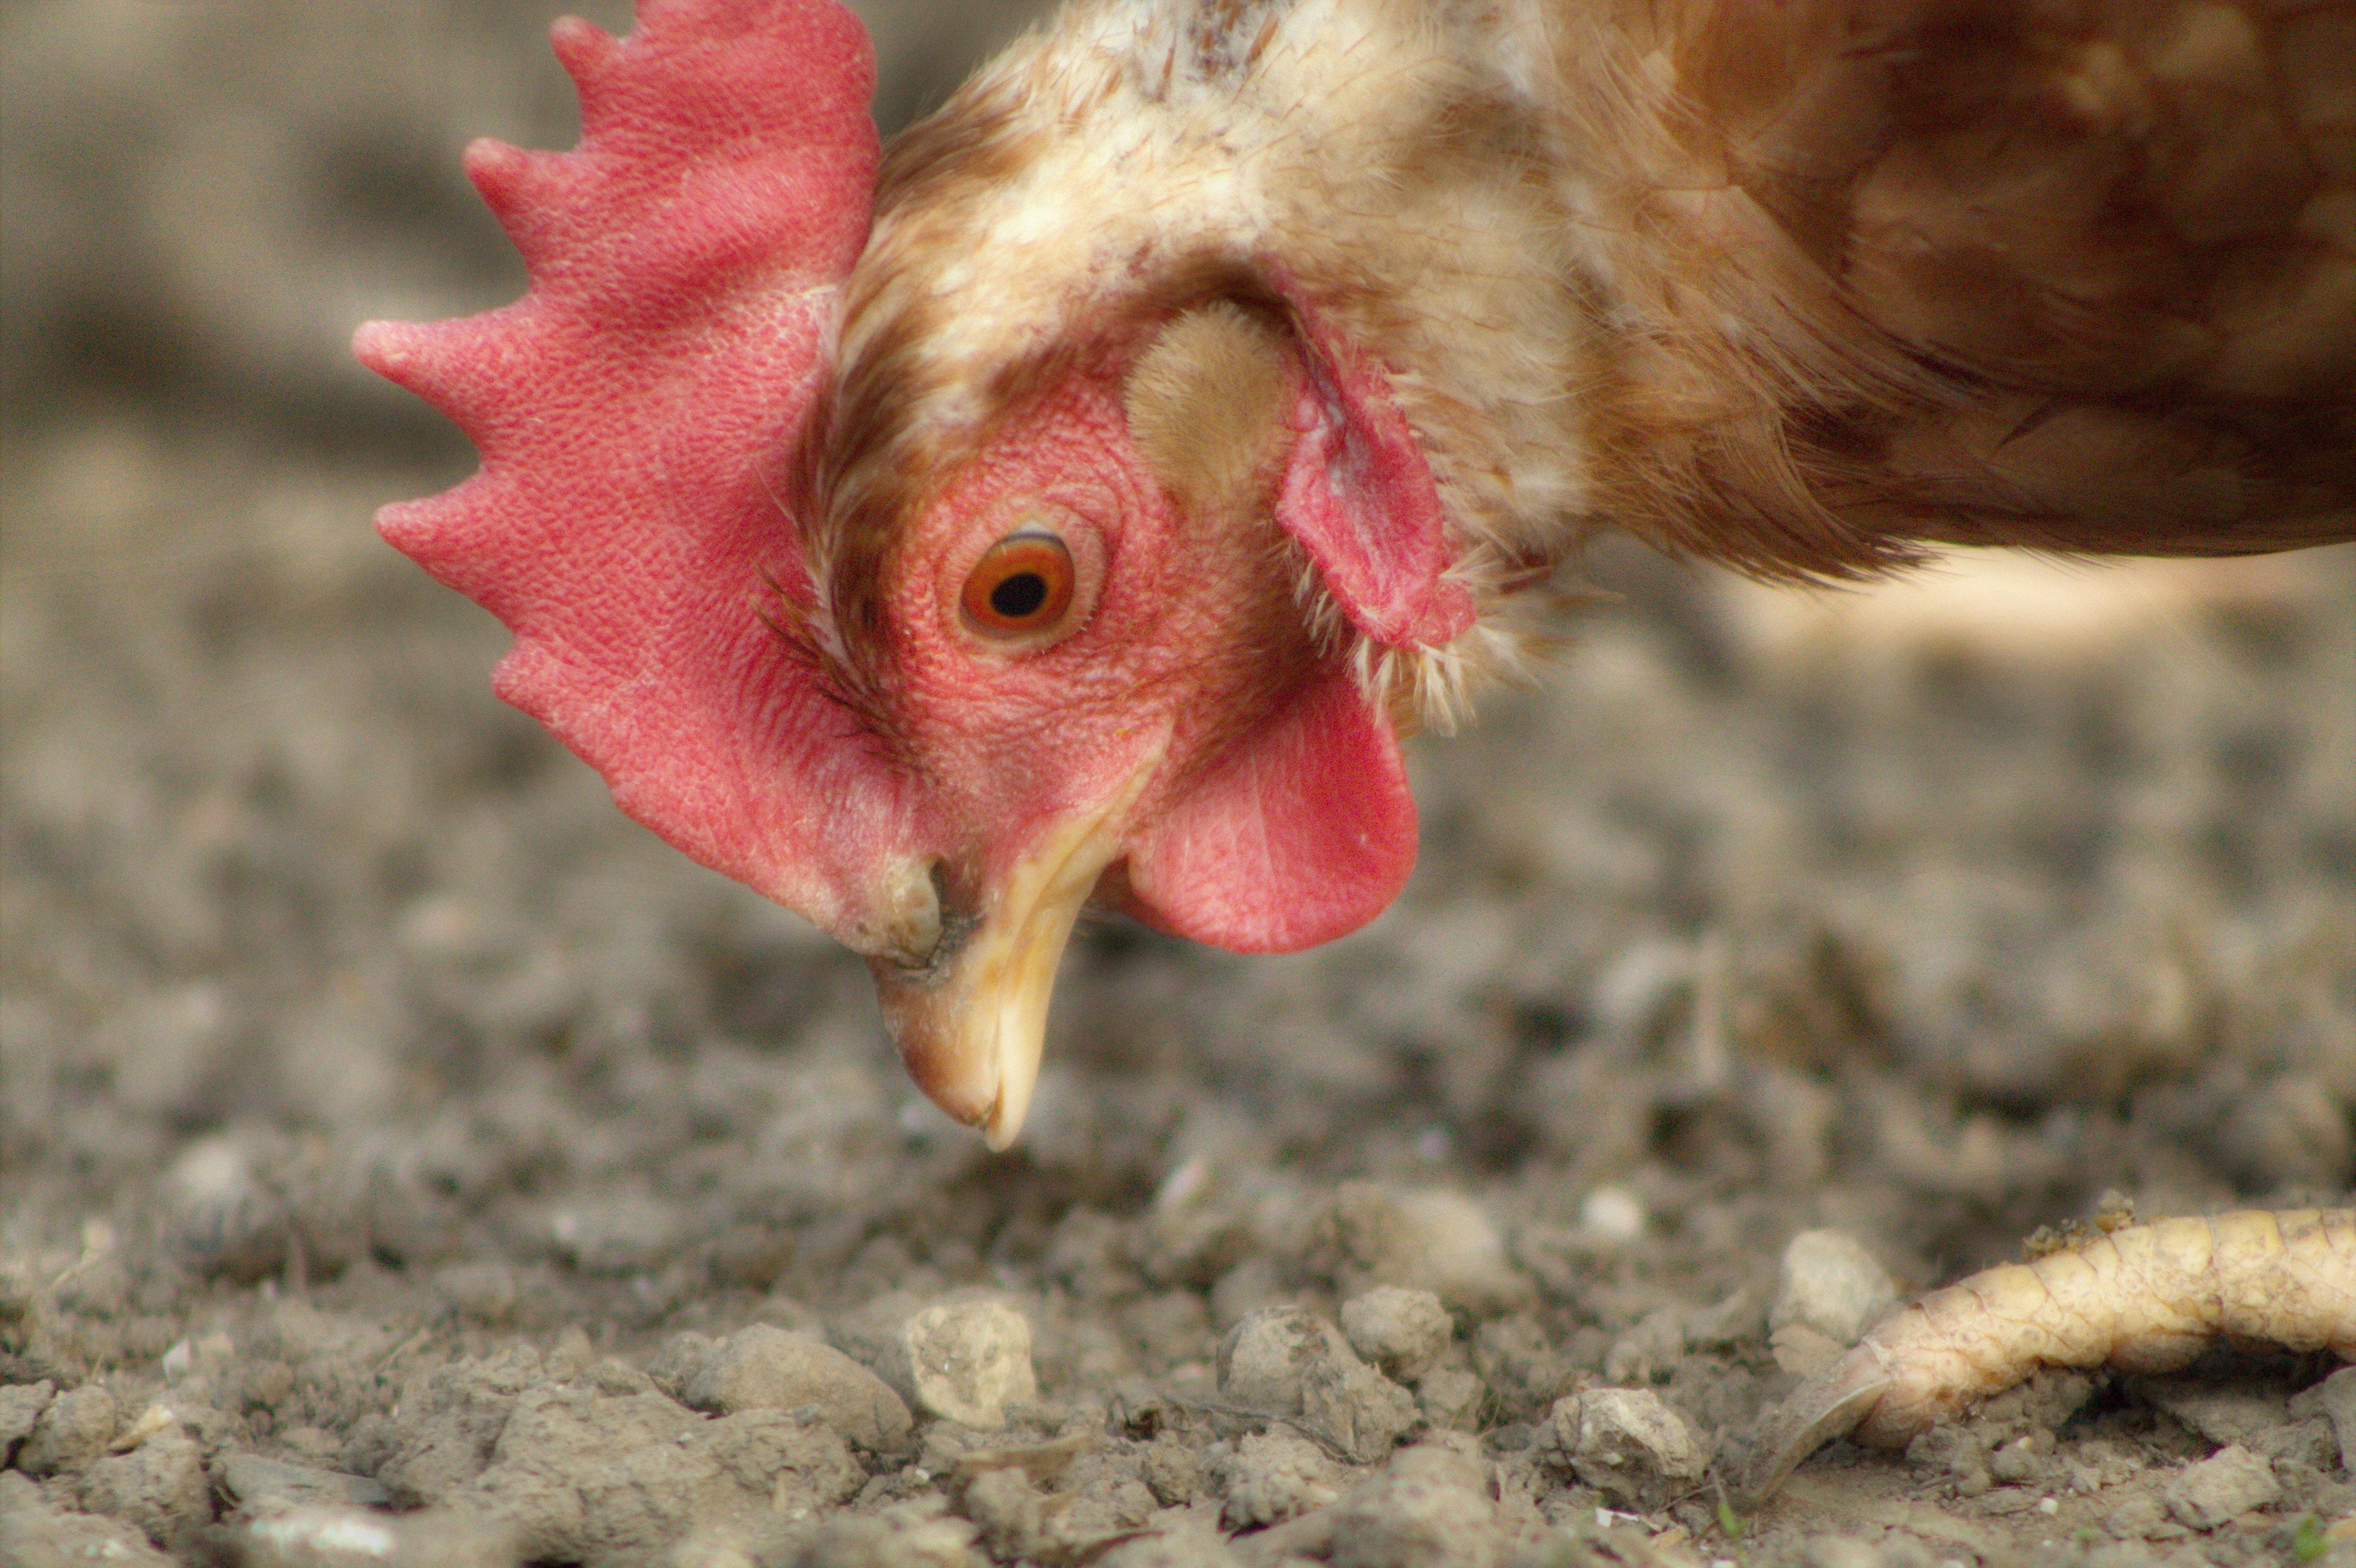 Клюв курицы: как подрезать клюв курице? 23